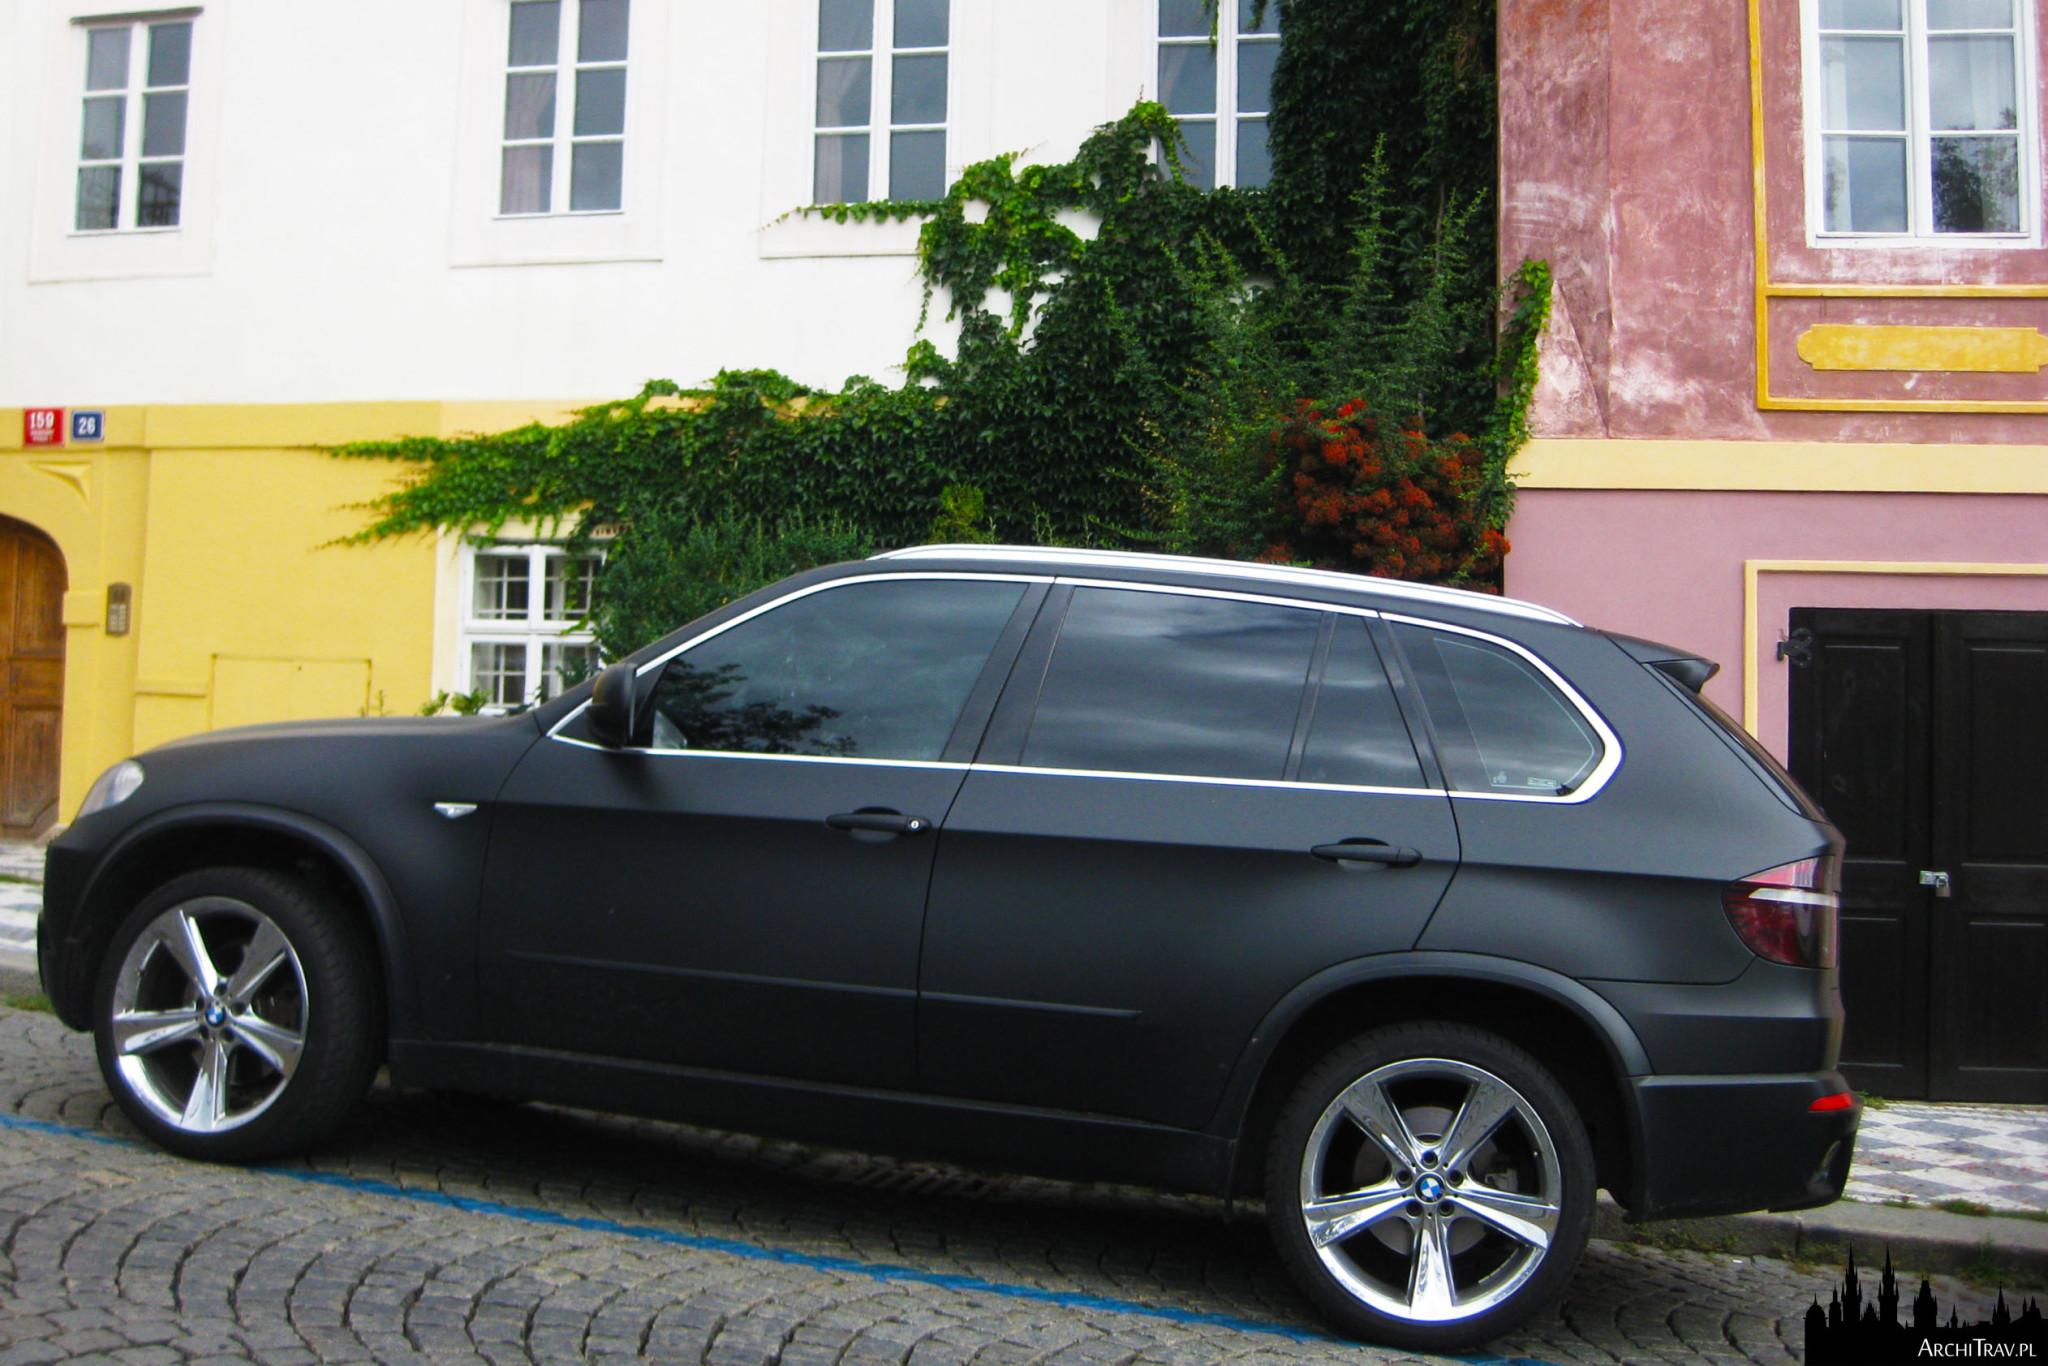 czarne matowe auto zaparkowane w niebieskiej strefie na ulicy Uvoz w Pradze